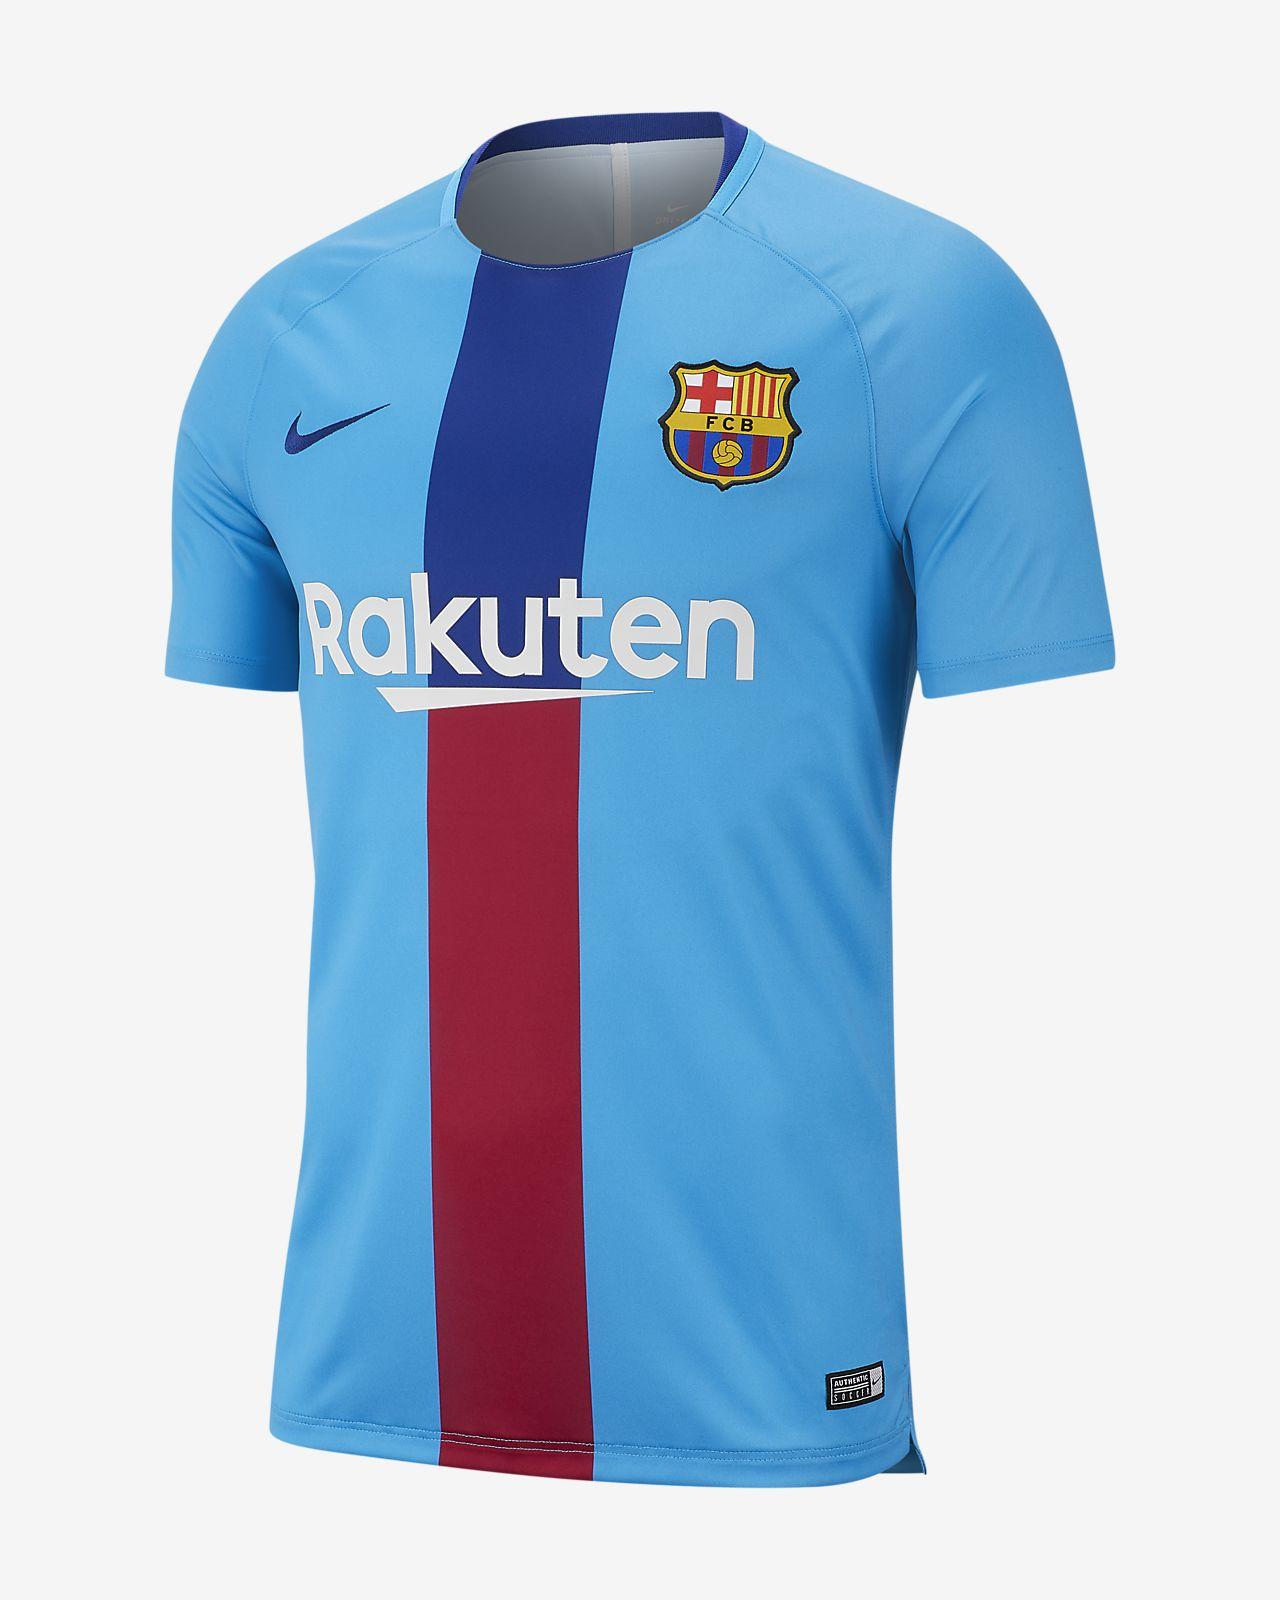 Ανδρική κοντομάνικη ποδοσφαιρική μπλούζα με σχέδιο Nike Dri-FIT FC  Barcelona Squad c89da66ef31